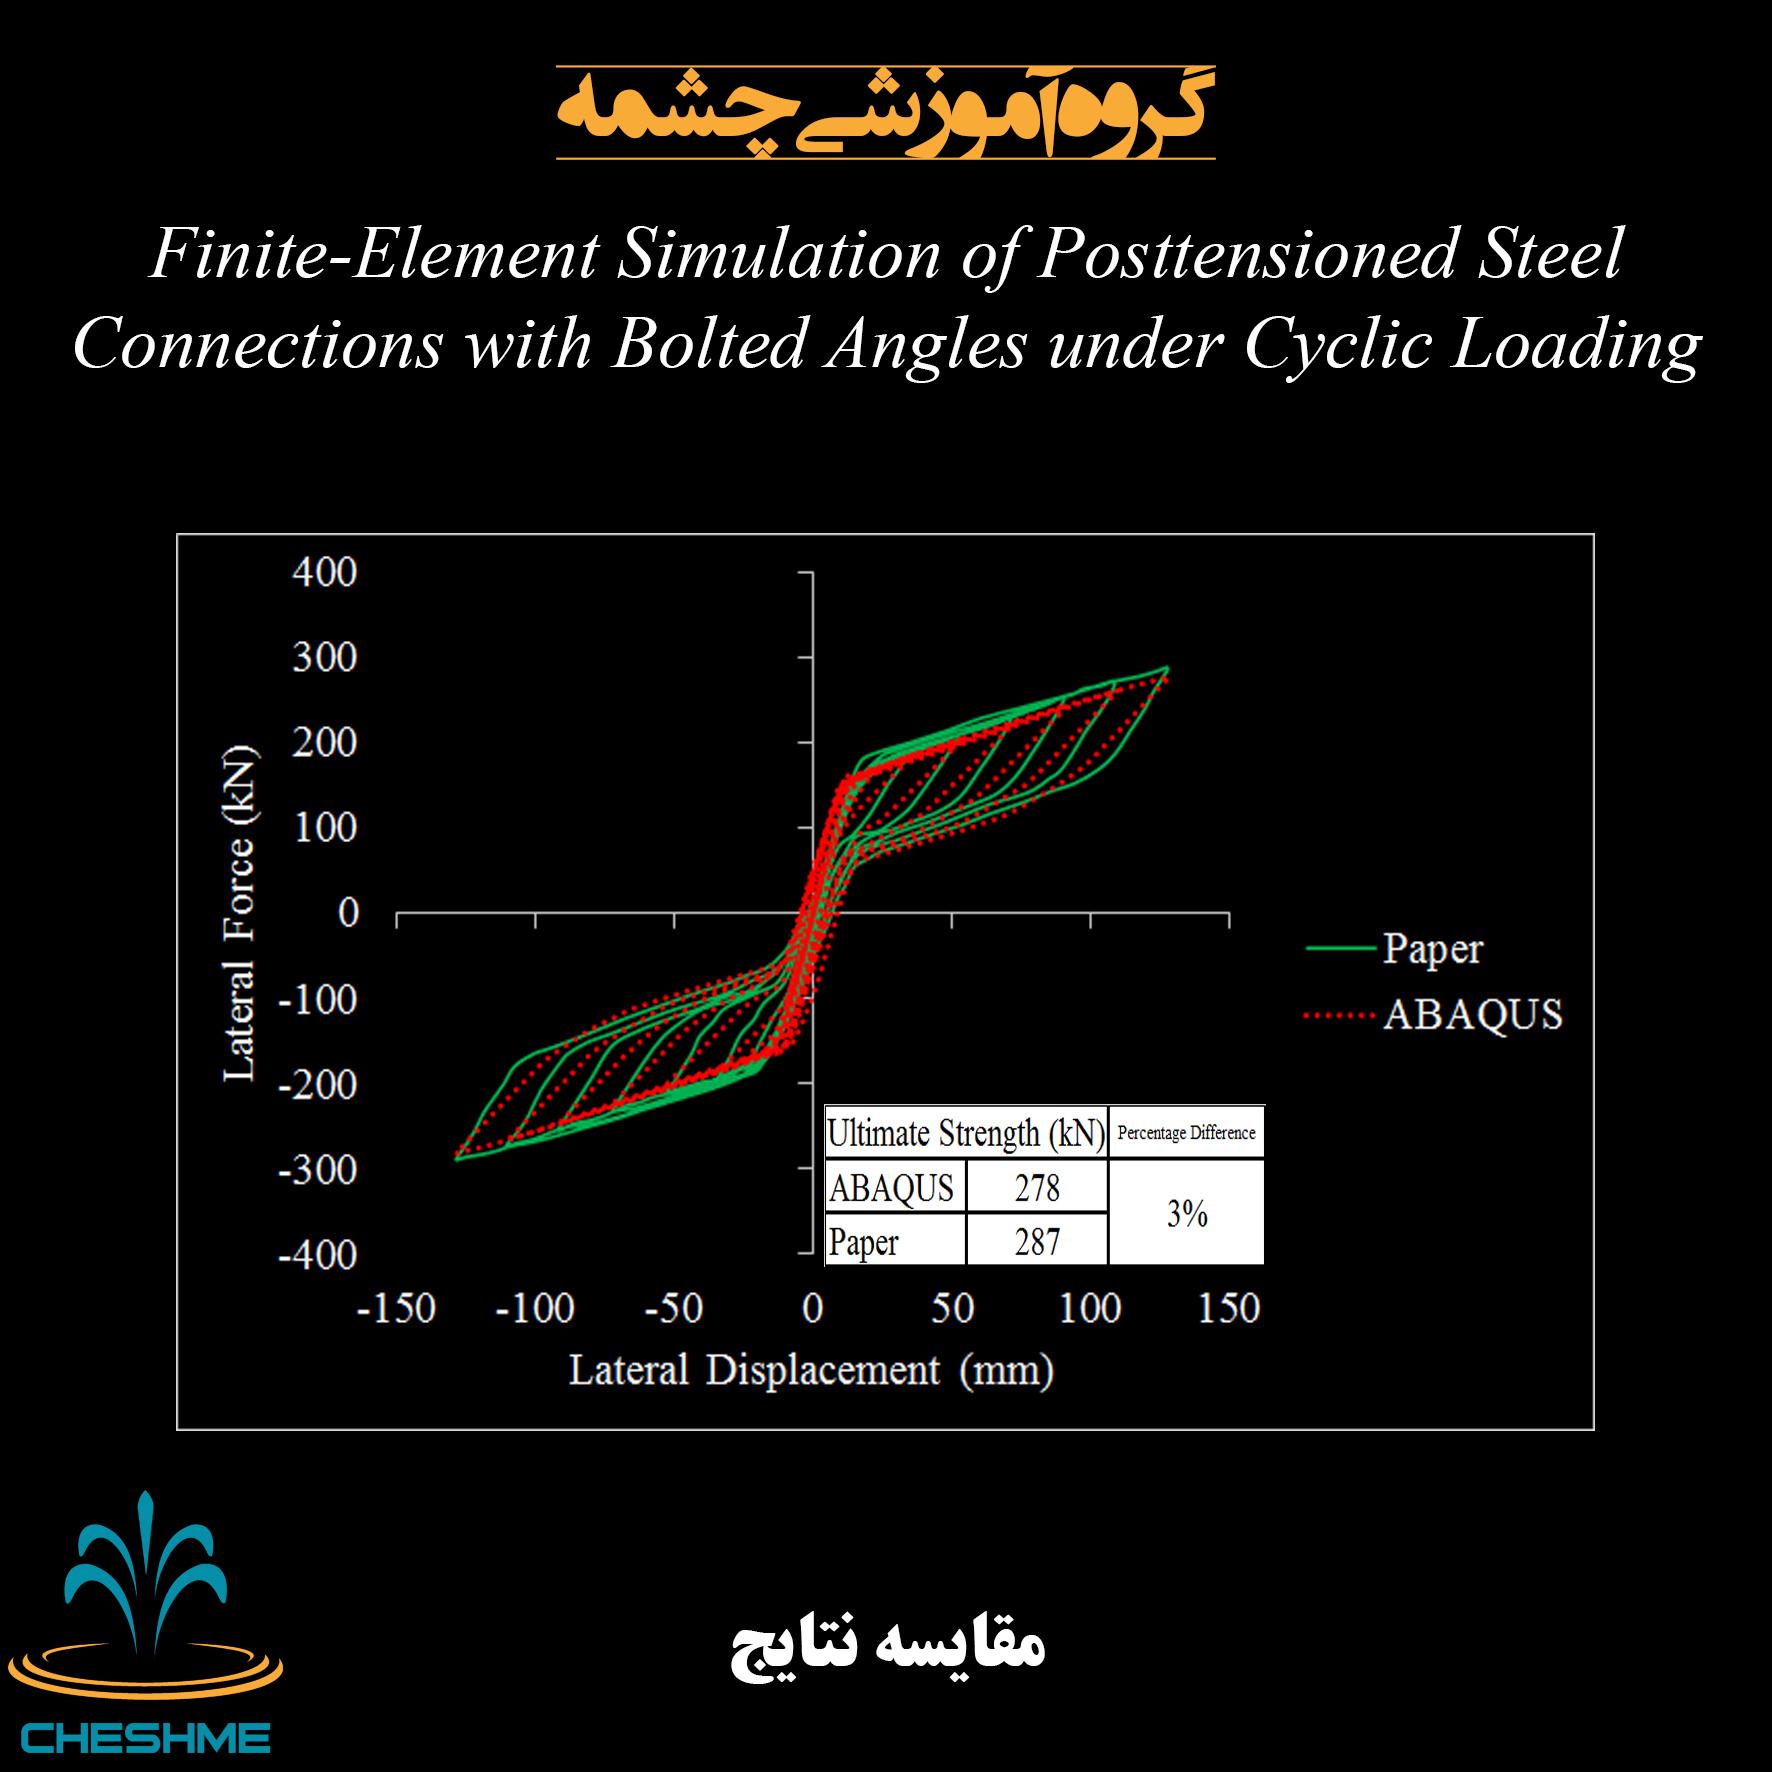 مقایسه نتایج مدل اجزا محدود با مدل مقاله اتصال فولادی پیش تنیده